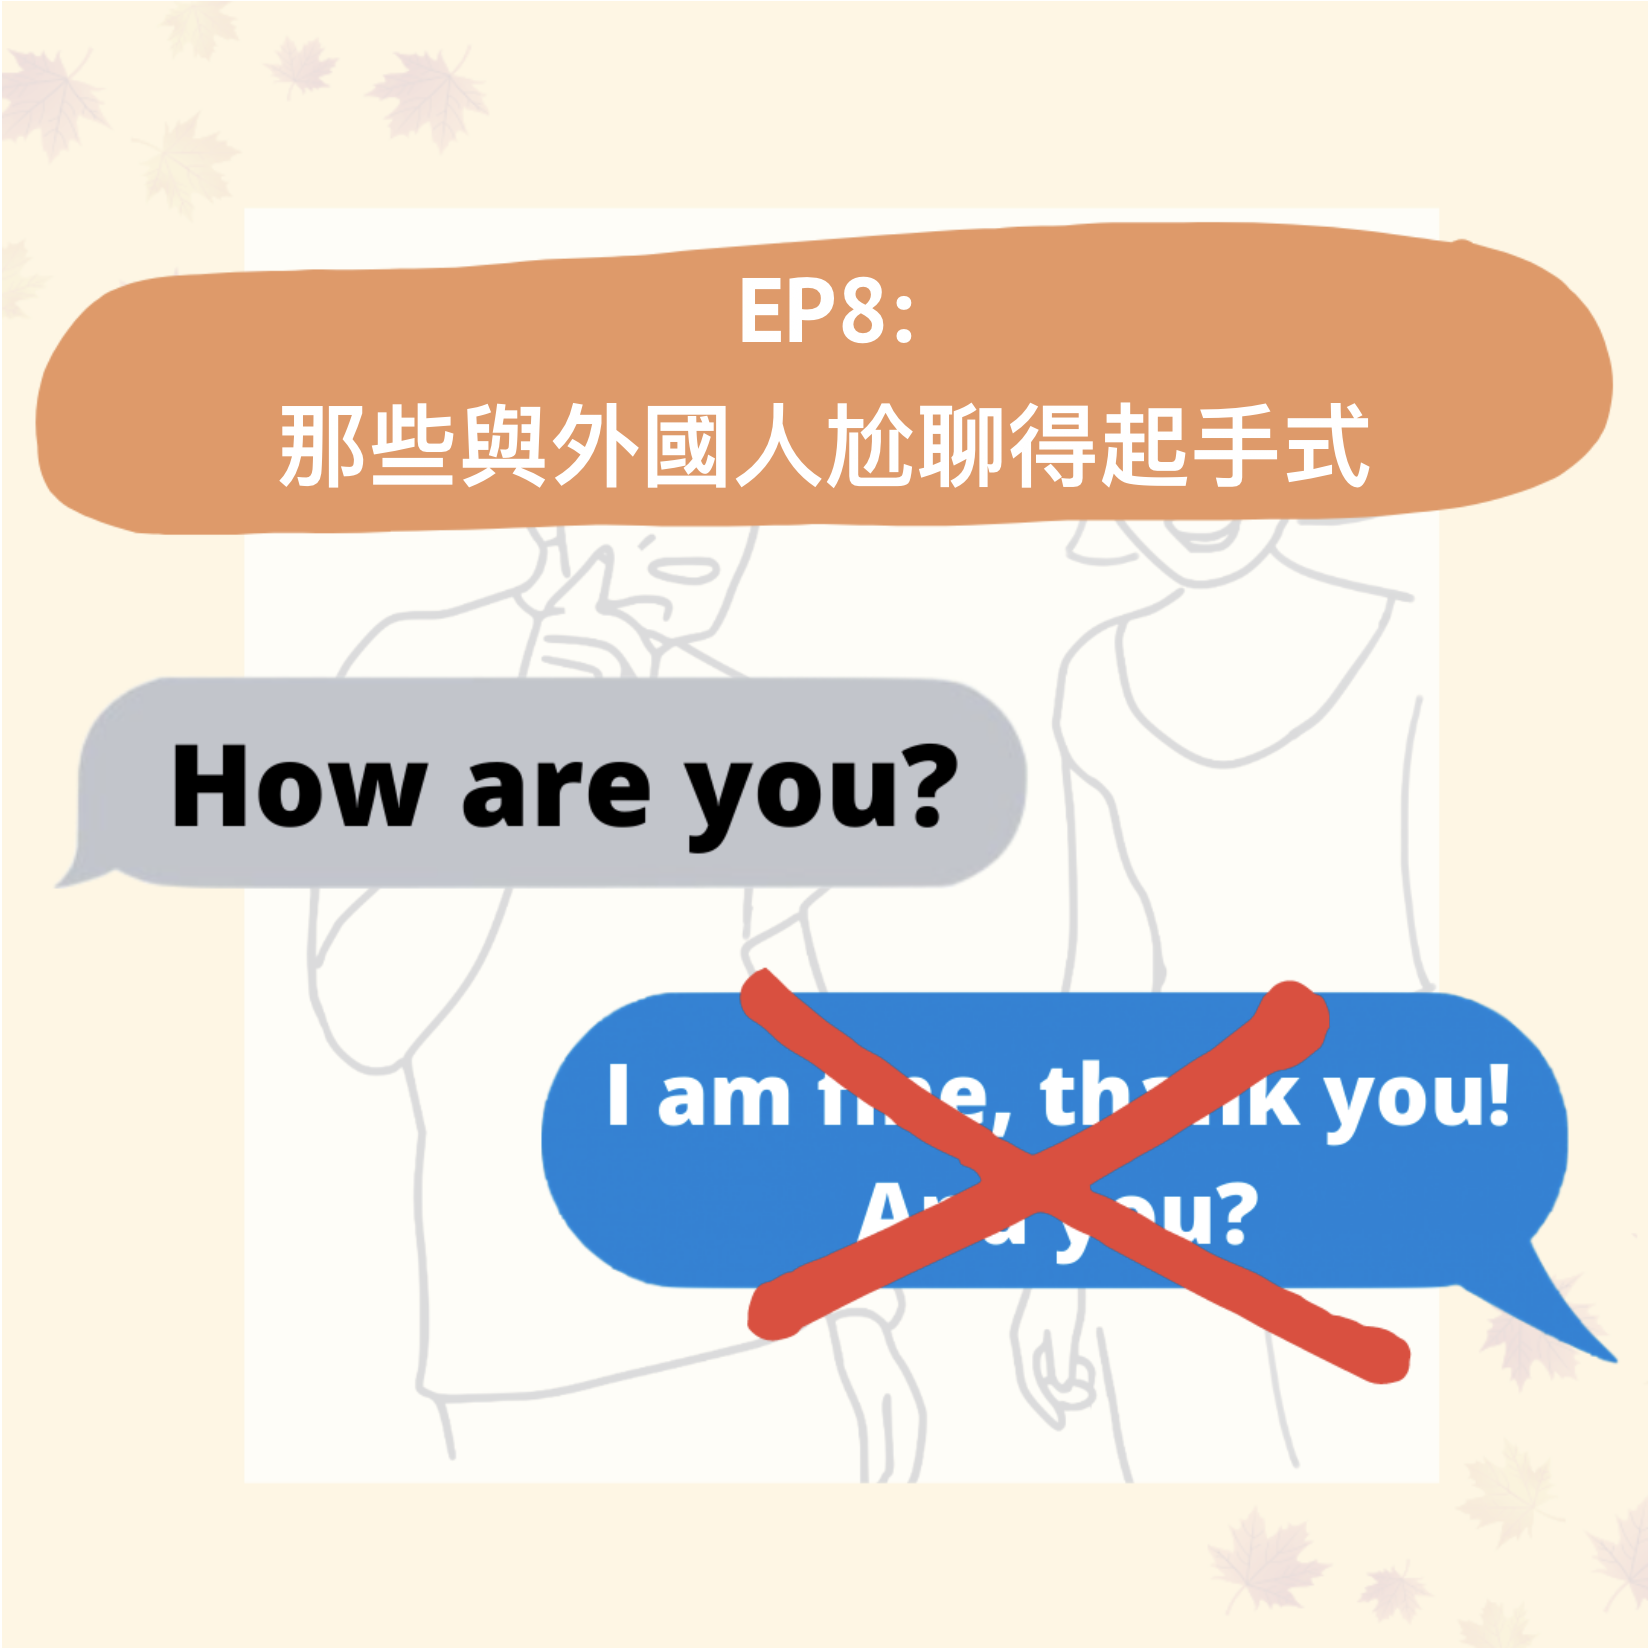 EP.8|那些與外國人尬聊的起手式#艾咪底加